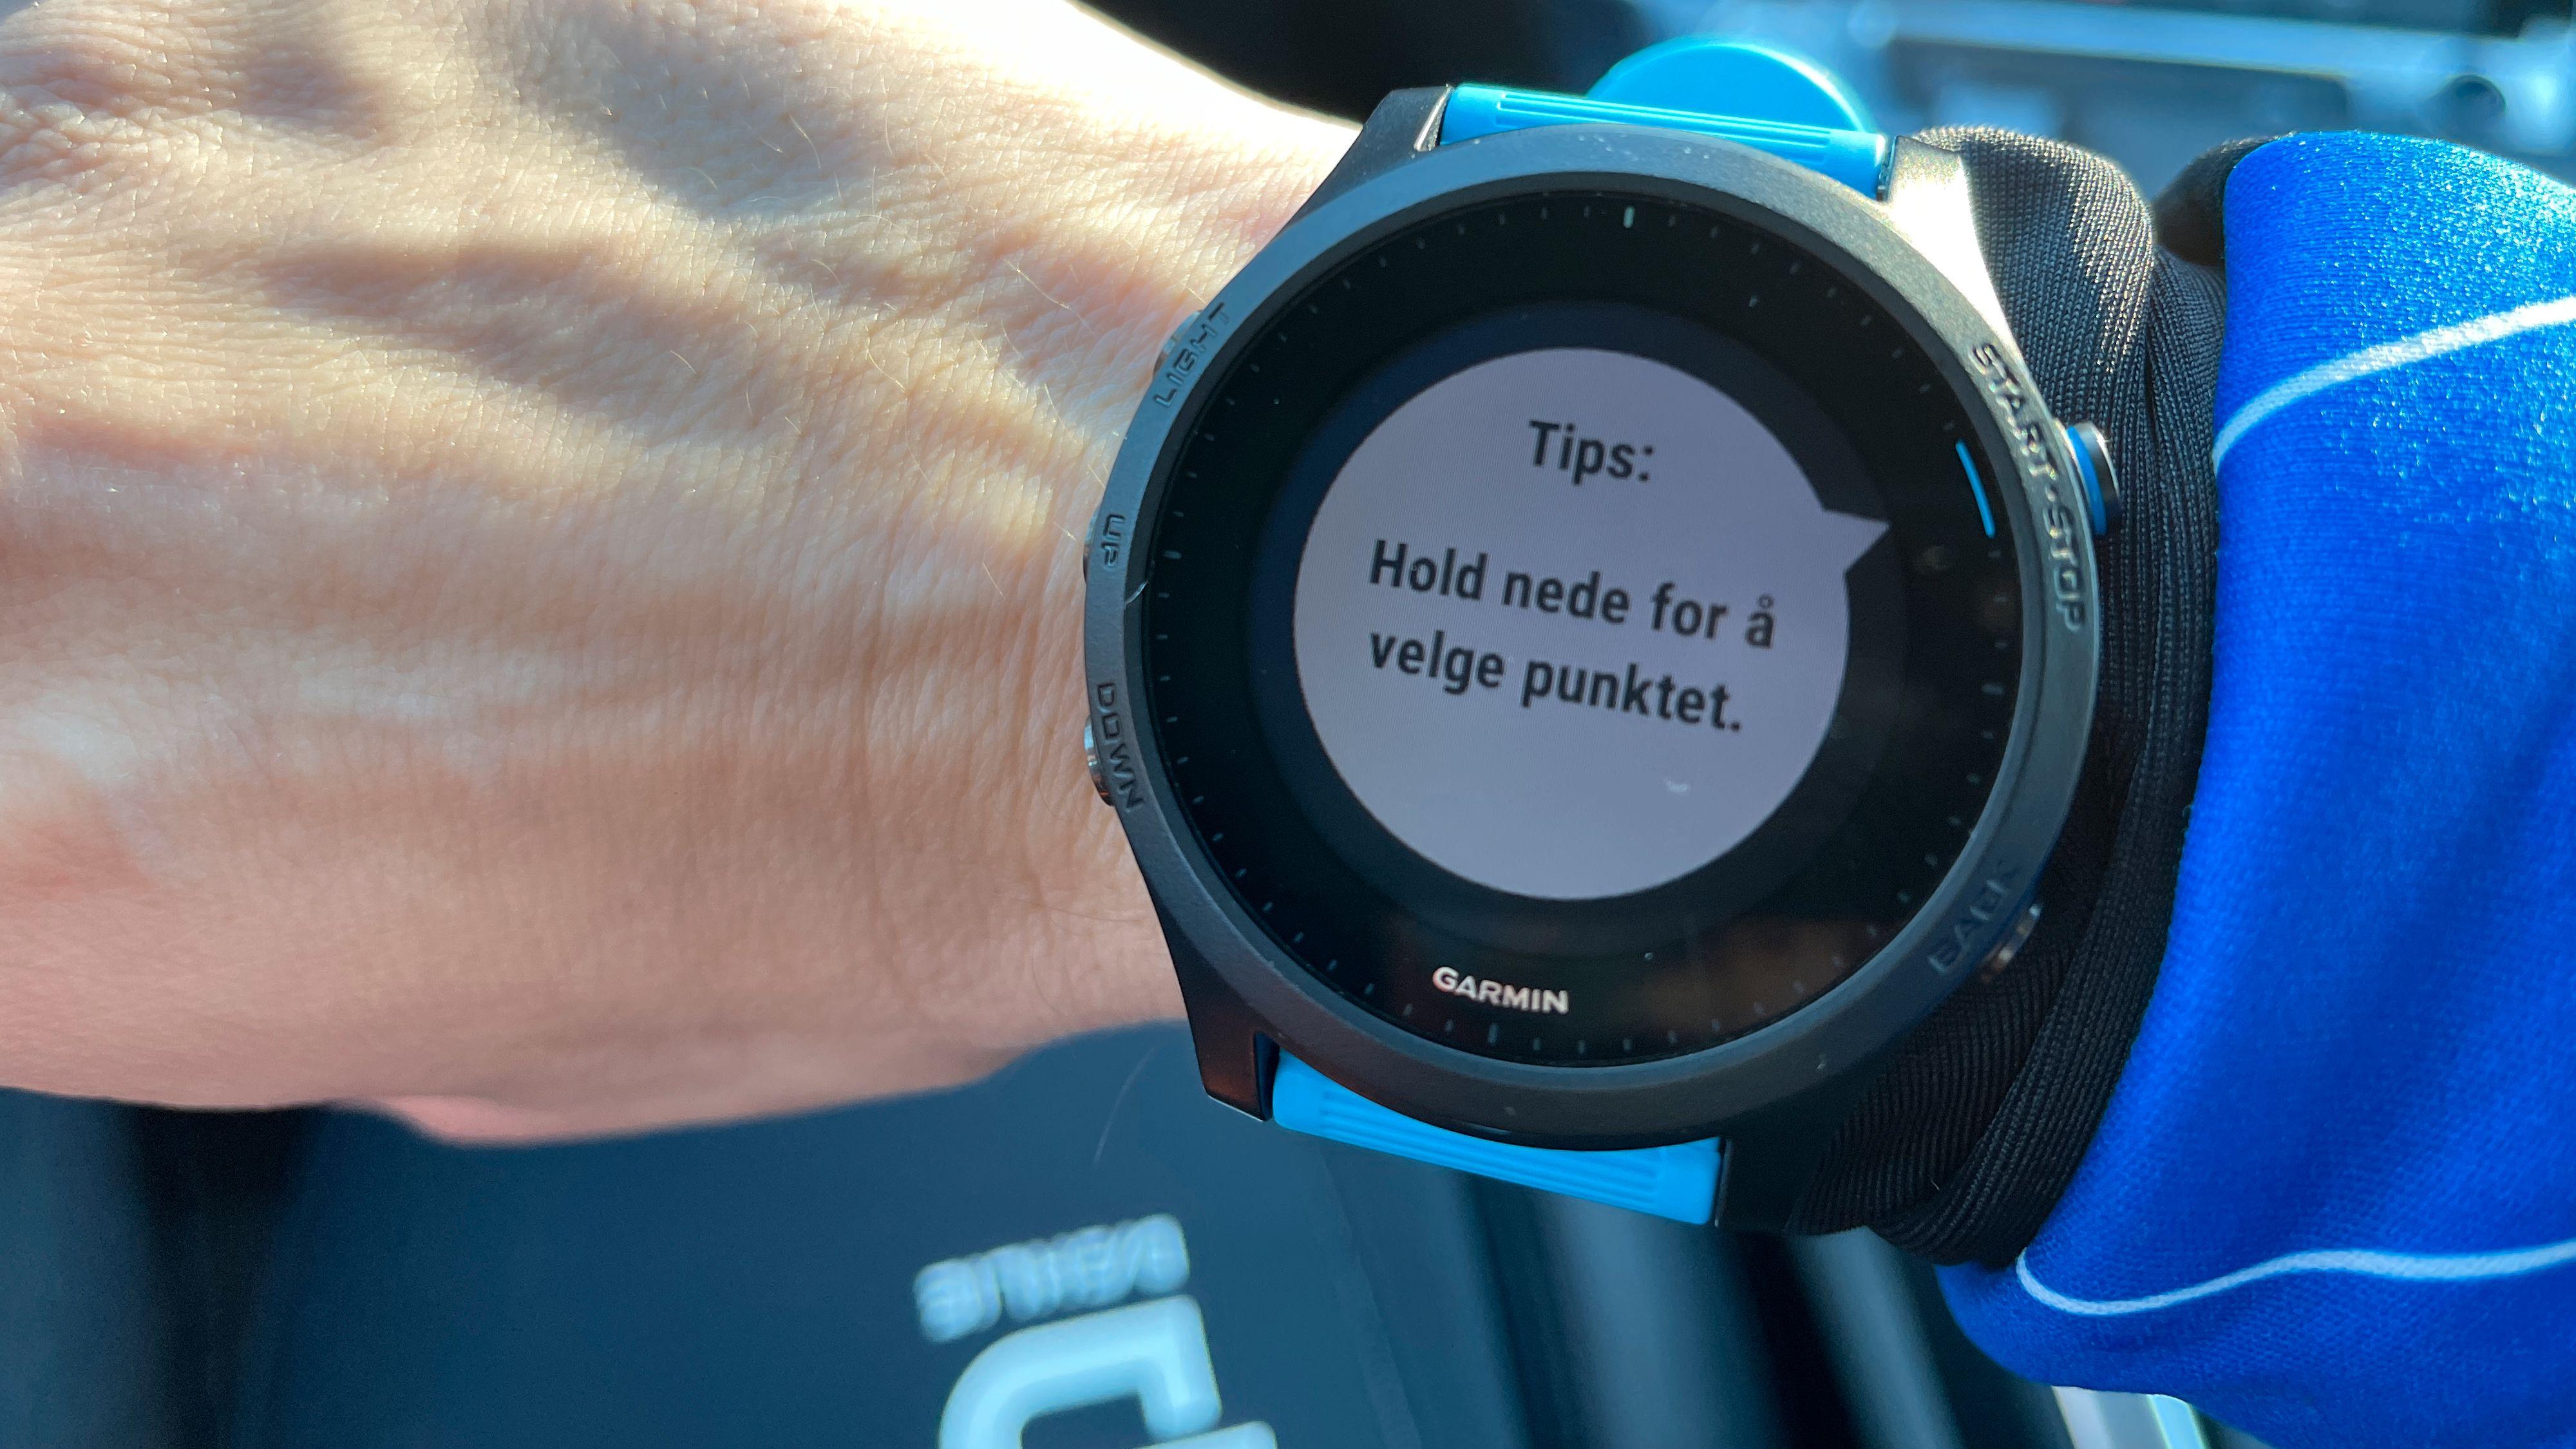 SMART: I starten vil klokken gi deg nyttige tips og triks for best utnyttelse av klokken og alle funksjoner.